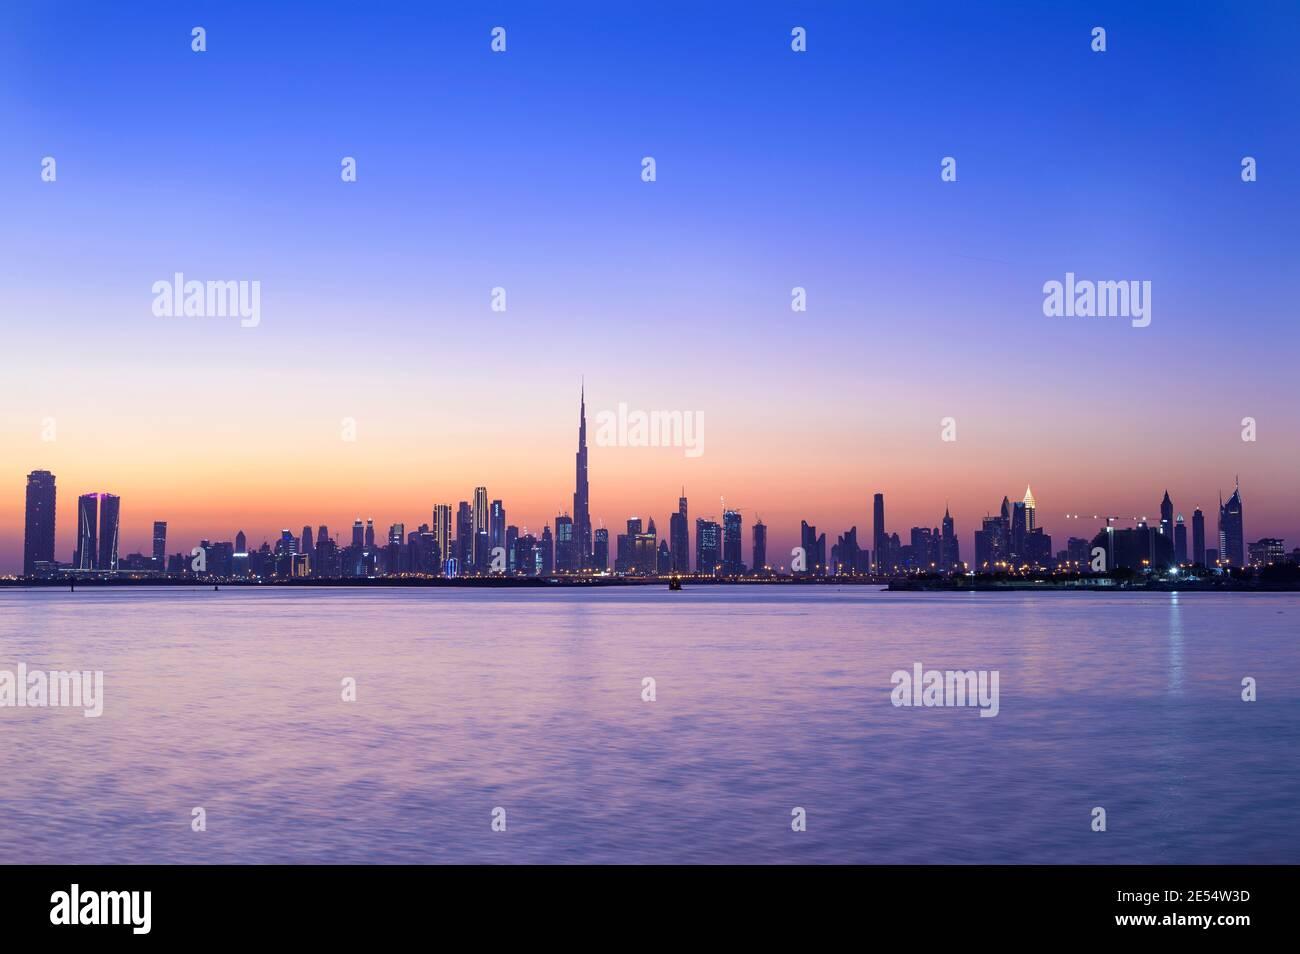 Vista panorámica del horizonte de Dubai con Burj khalifa y. otros rascacielos capturados en la puesta de sol con la hermosa Cielo azul en el dubai creek Foto de stock